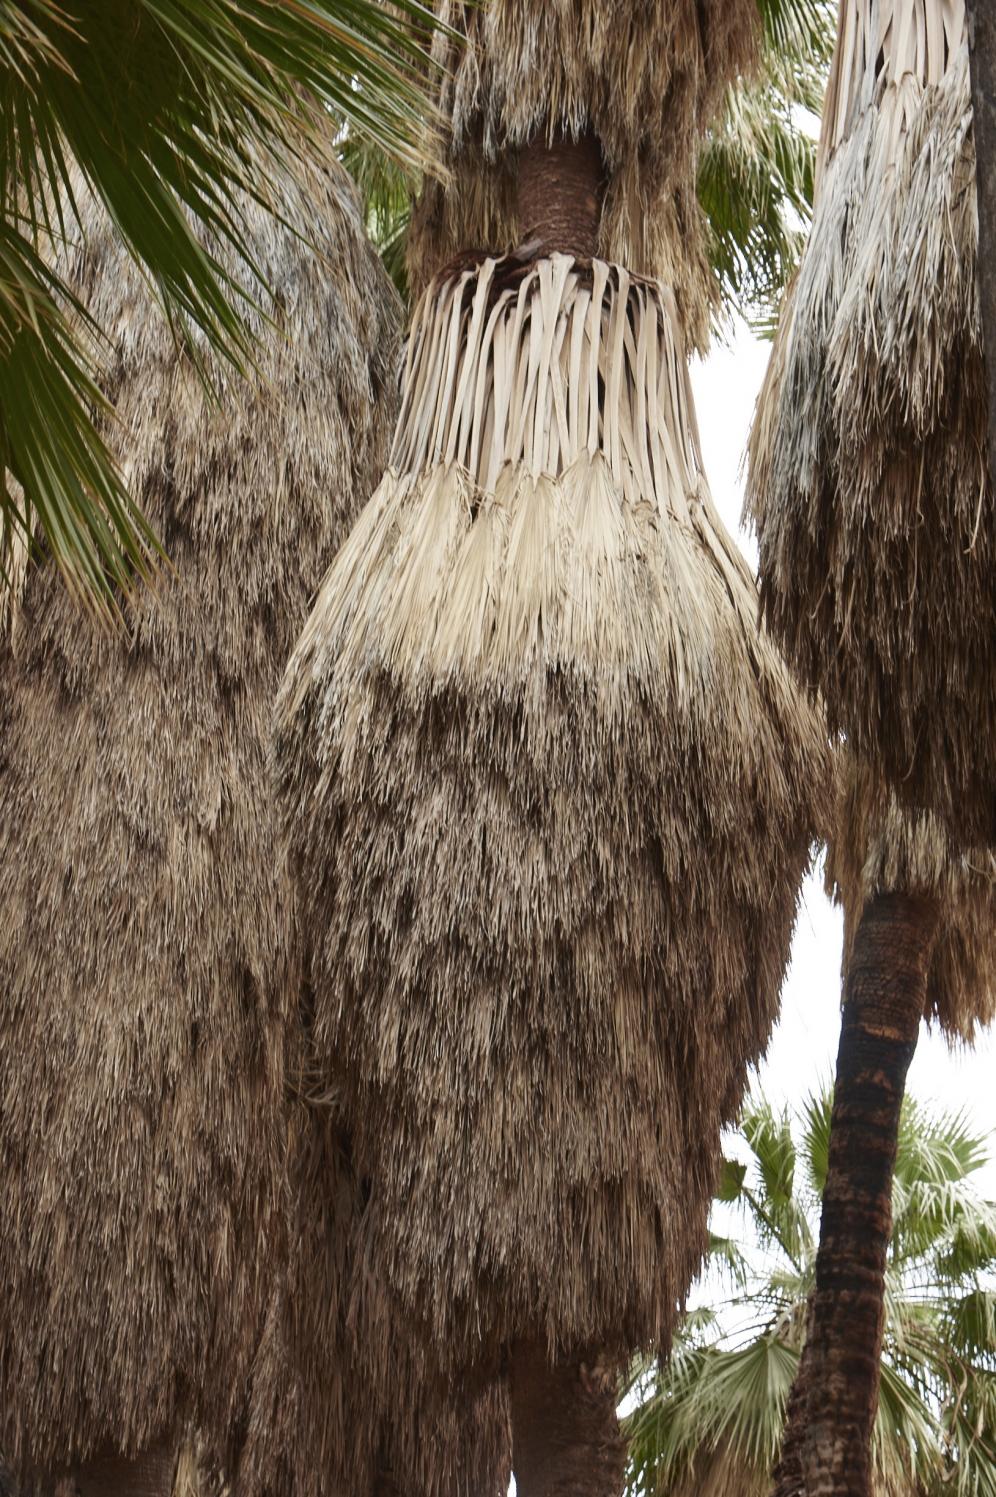 Palms 2.0